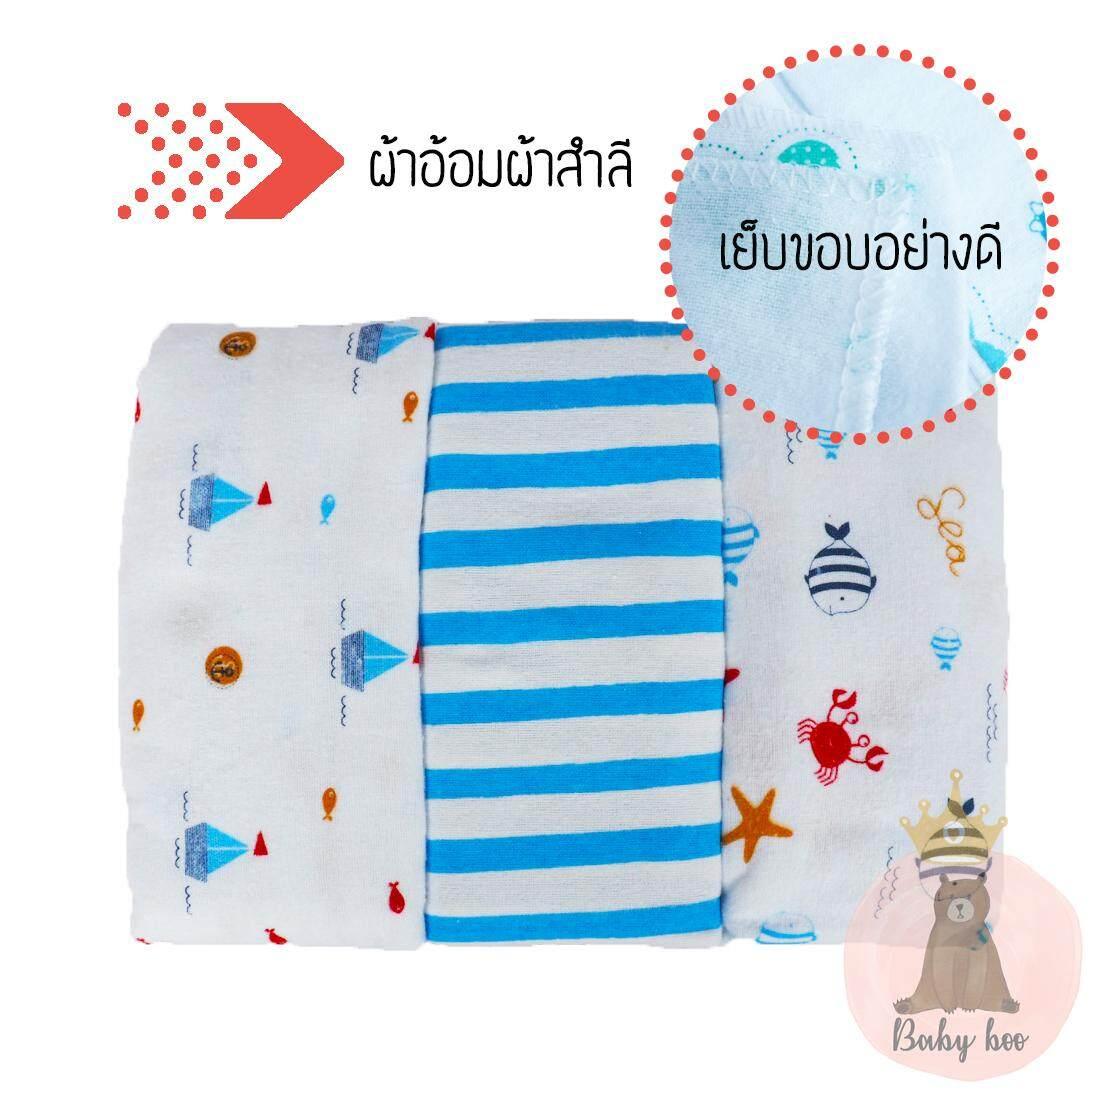 ผ้าอ้อมผ้าสำลี 27 นิ้ว - แพ็ค 12 ผืน คละสี (ลาย SEA)